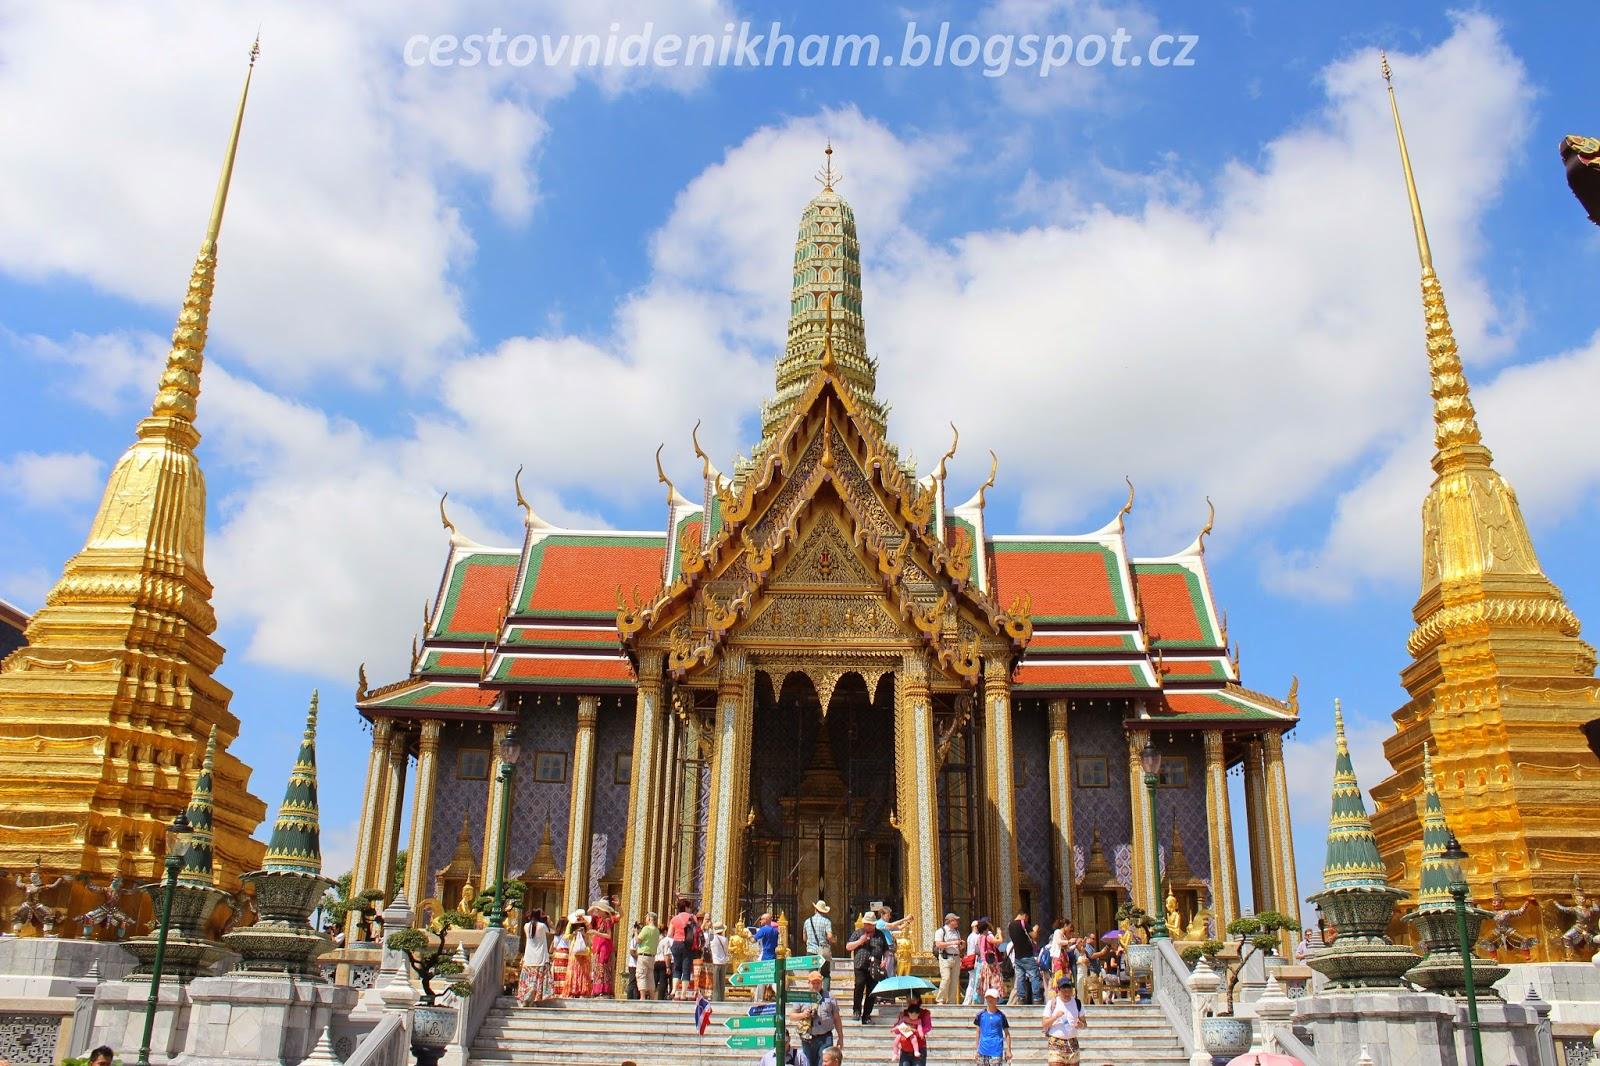 královský palác v Bangkoku // The Grand Palace Bangkok